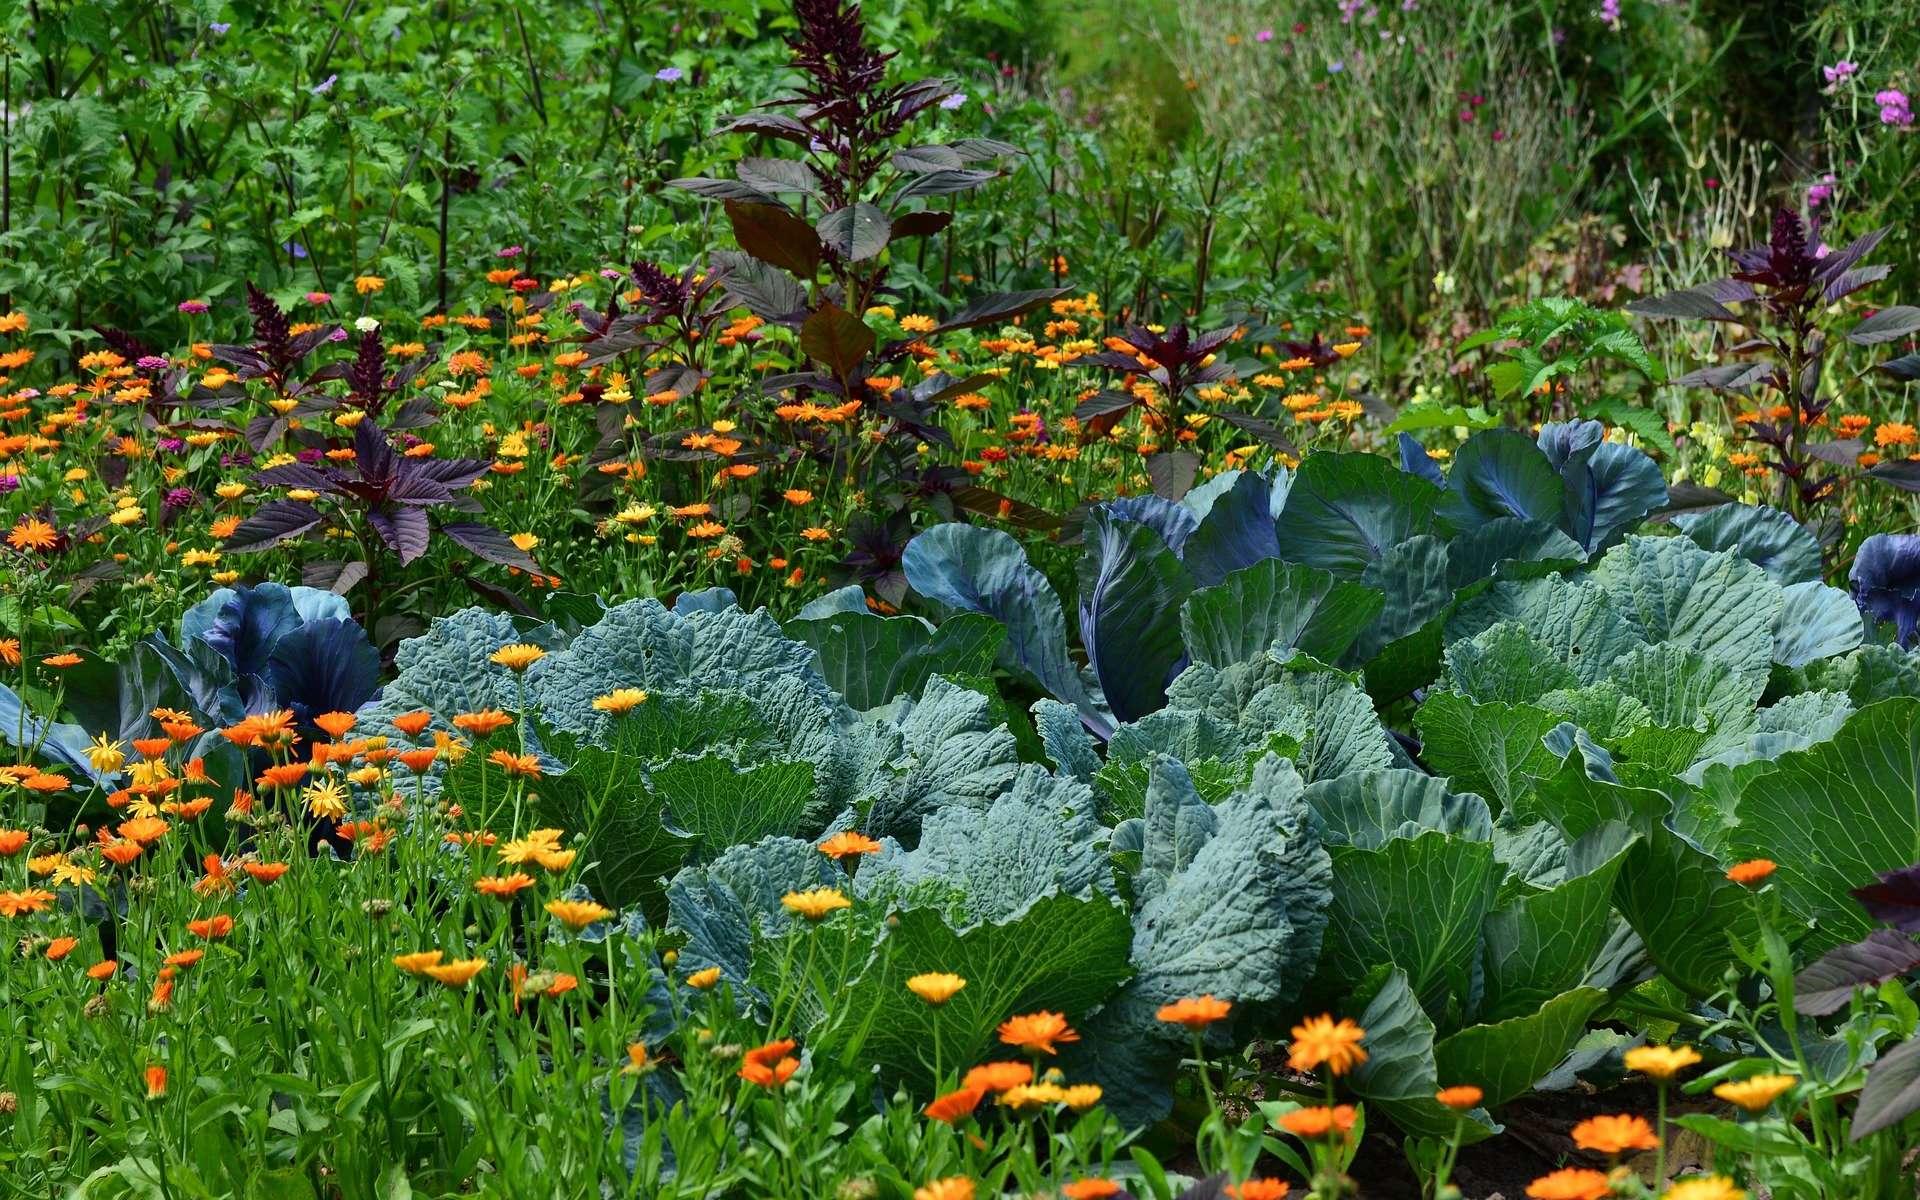 Vivre d'une forêt-jardin : le rêve de Charles Hervé-Gruyer pourrait faire des émules. © Congerdesign, Pixabay, DP